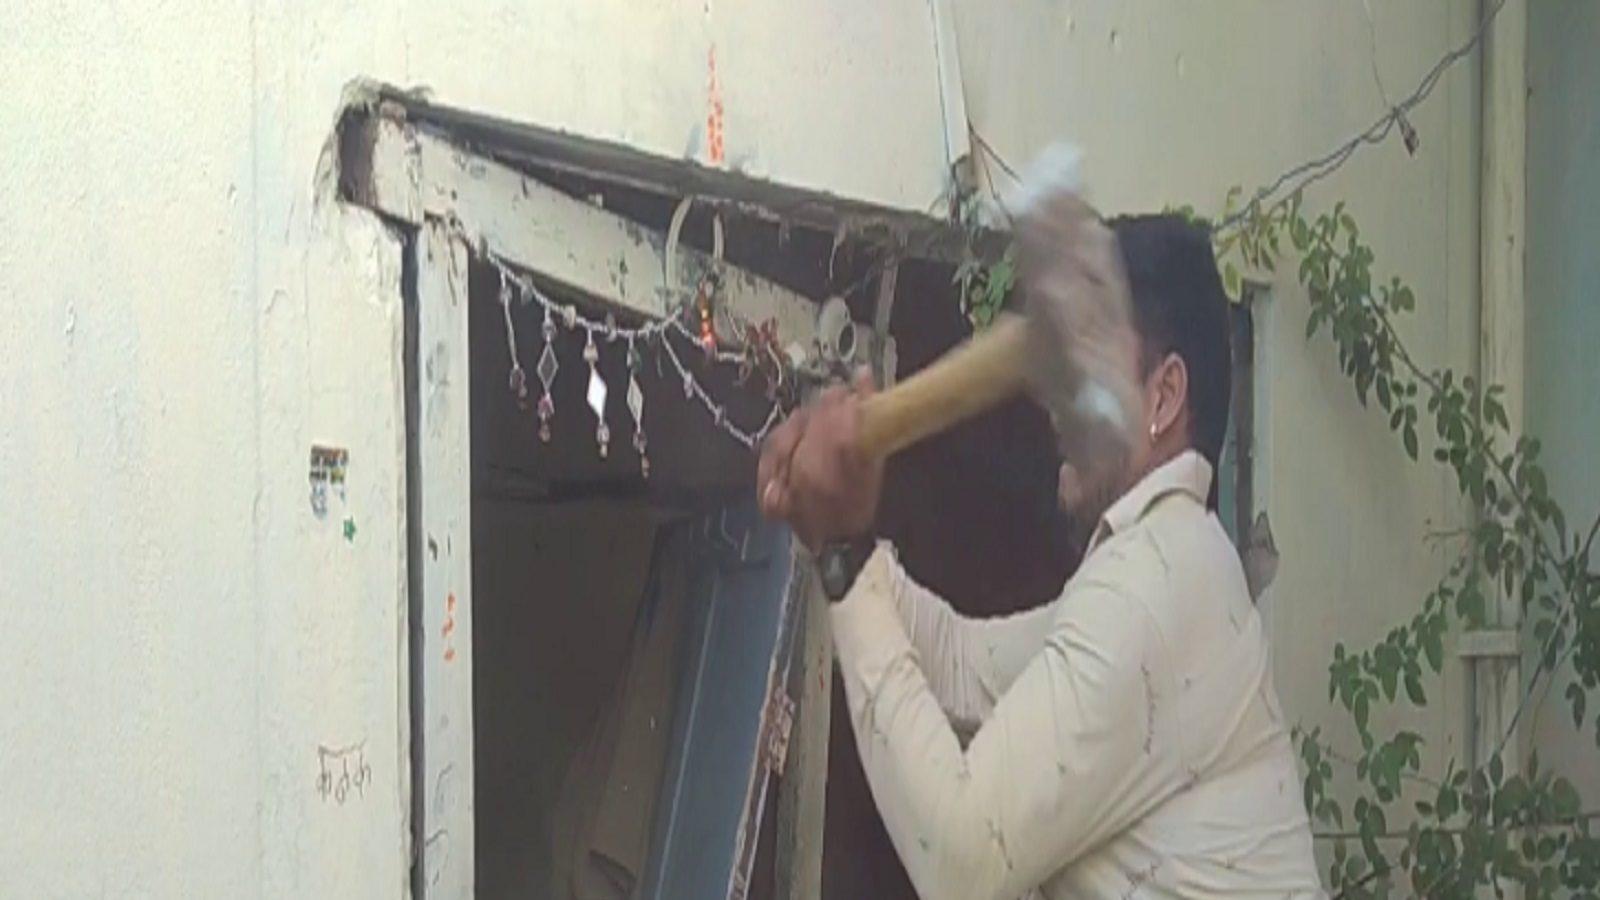 Anti Mafia Drive : 3 हिस्ट्रीशीटर के मकान ध्वस्त करने में लगी तीन थानों की पुलिस, घर से मिली नकली पिस्टल